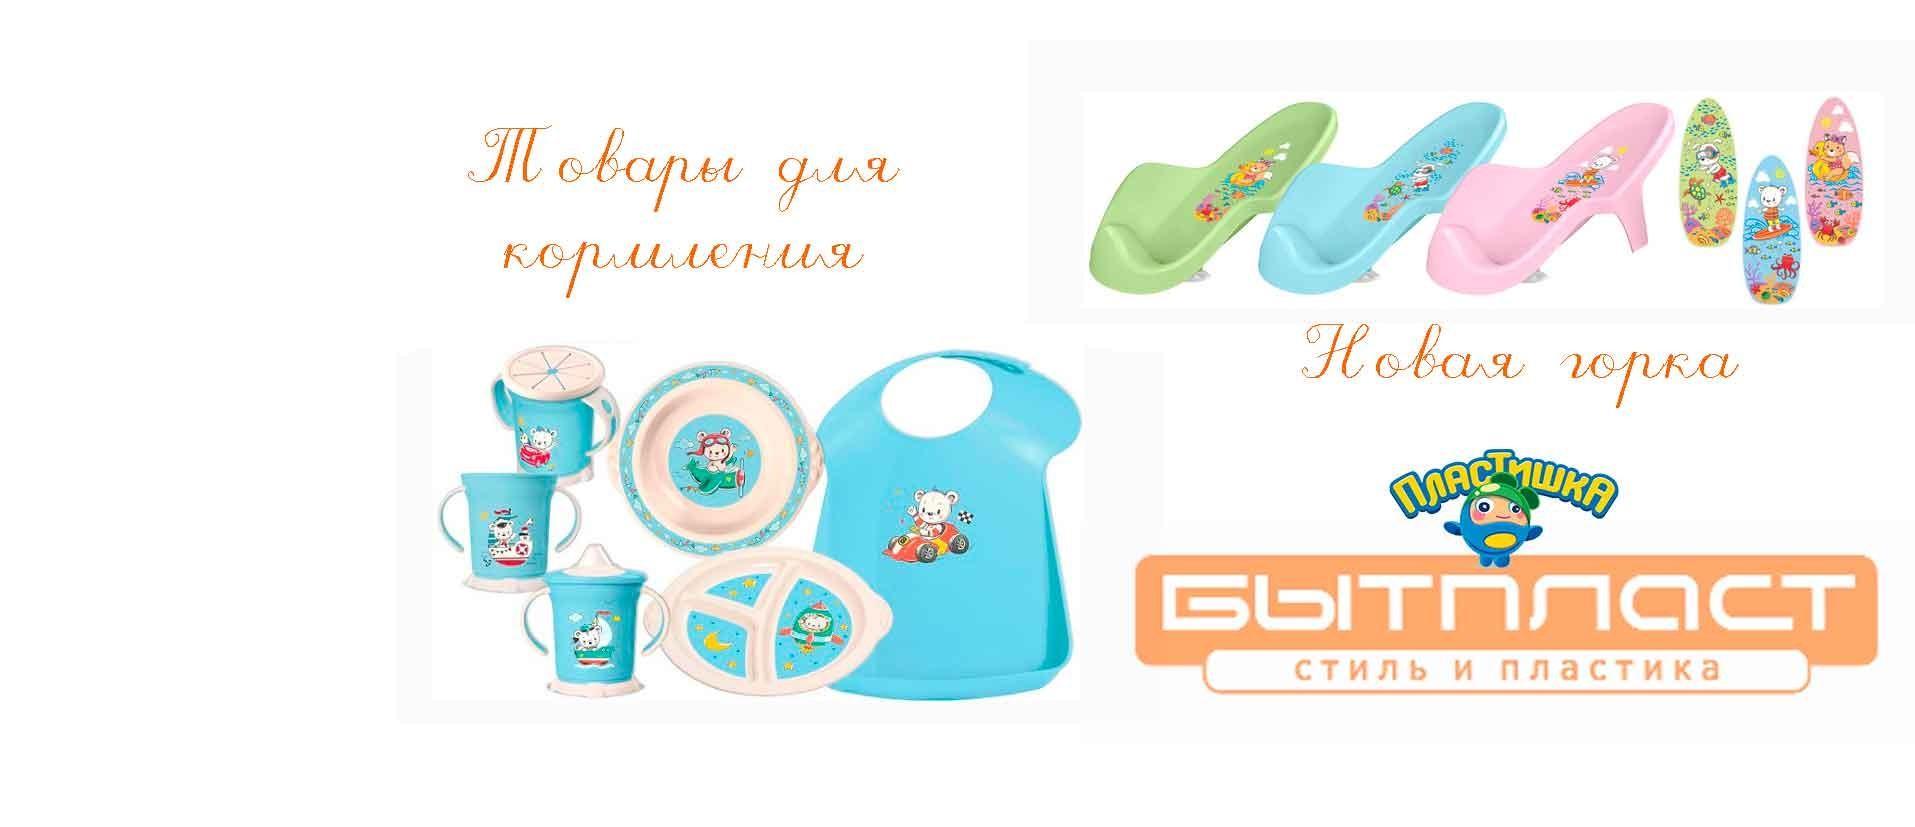 Новые товары Бытпласт для детей